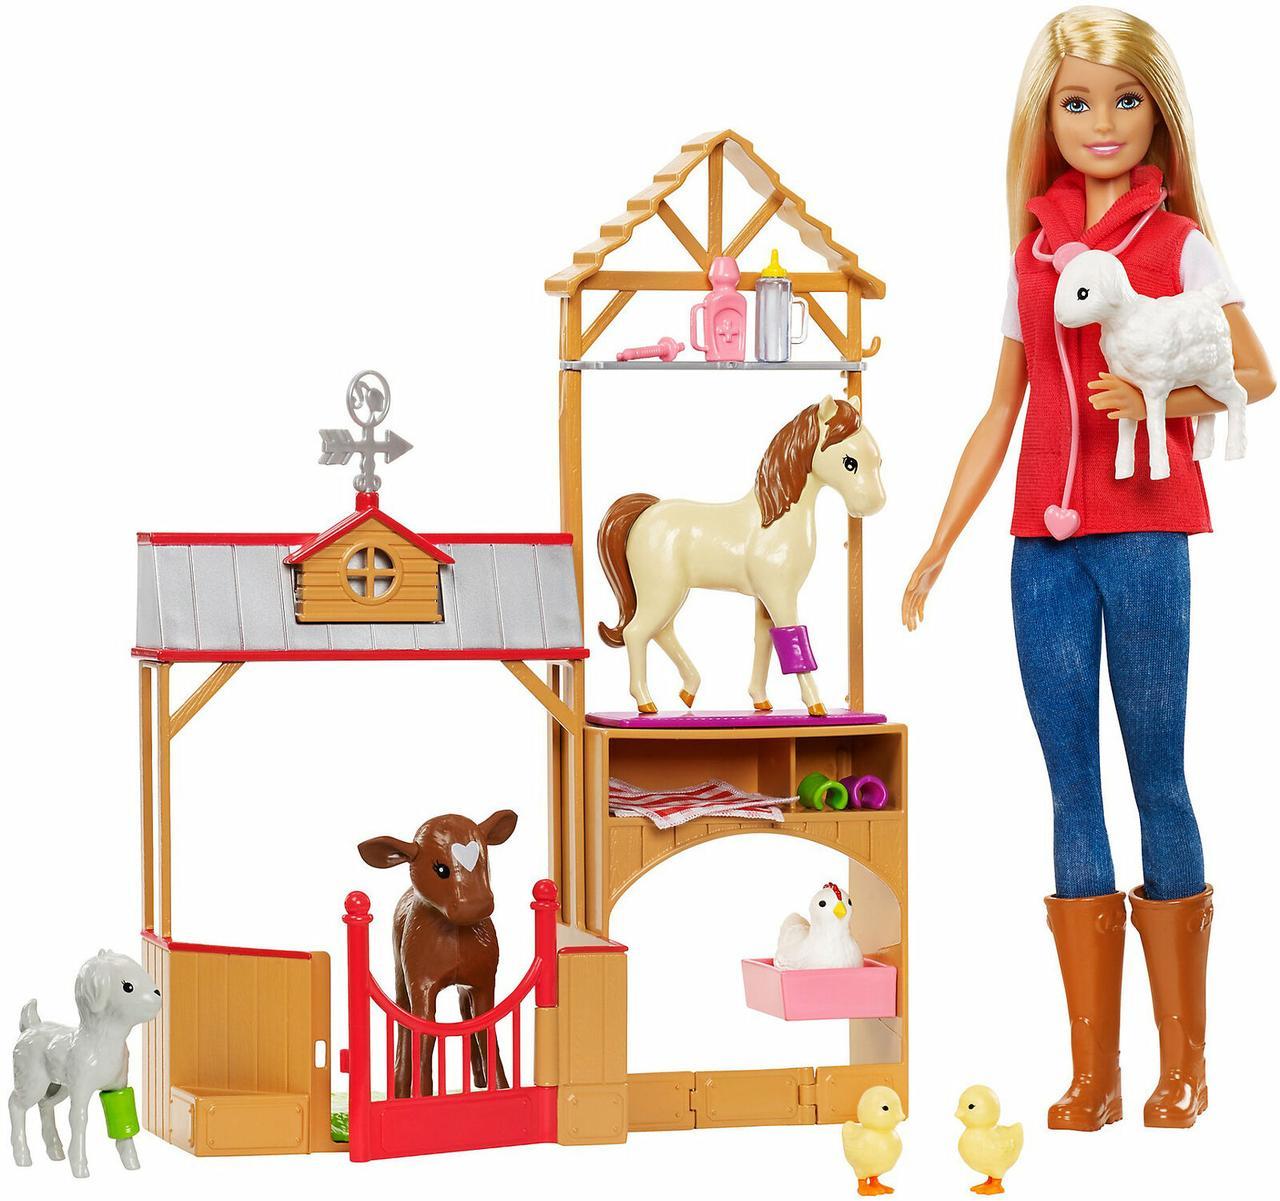 Barbie Кукла Барби Сладкий фруктовый сад и ветеринарный набор GCK86 Club Chelsea Doll and Playset